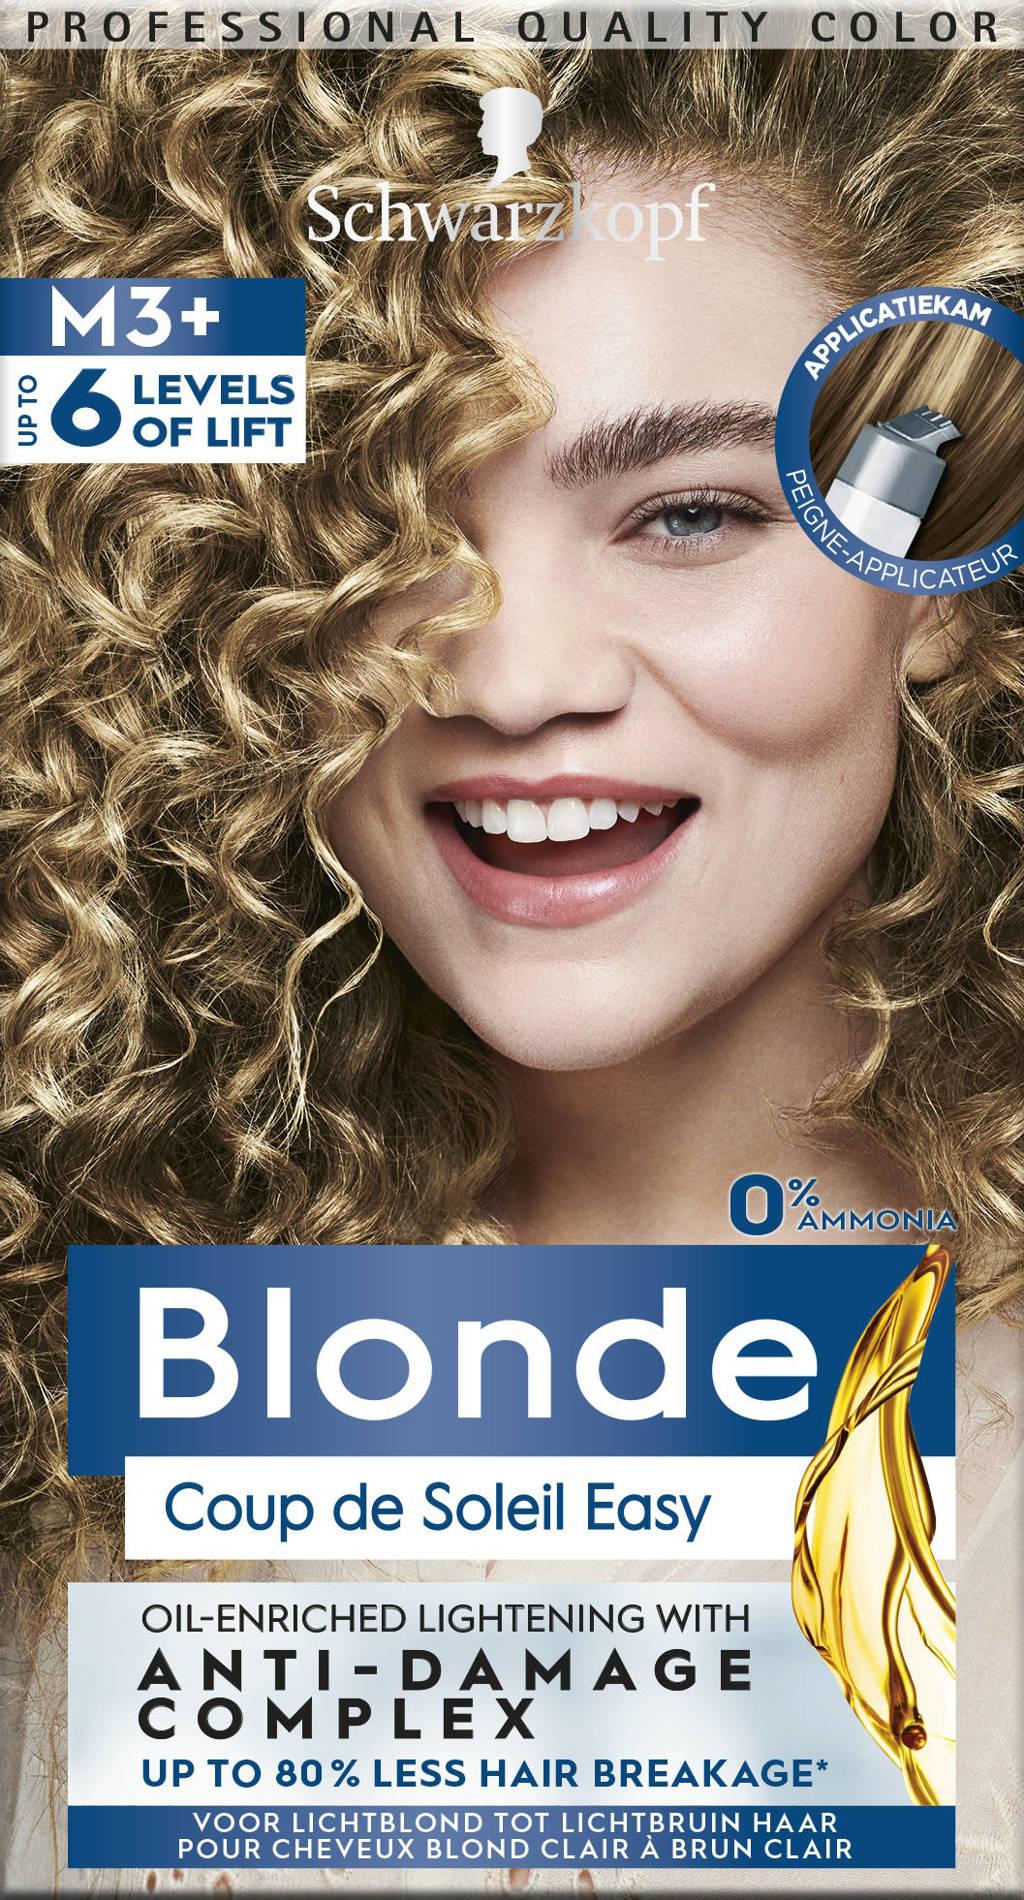 Schwarzkopf Blonde - Easy highlighter super plus